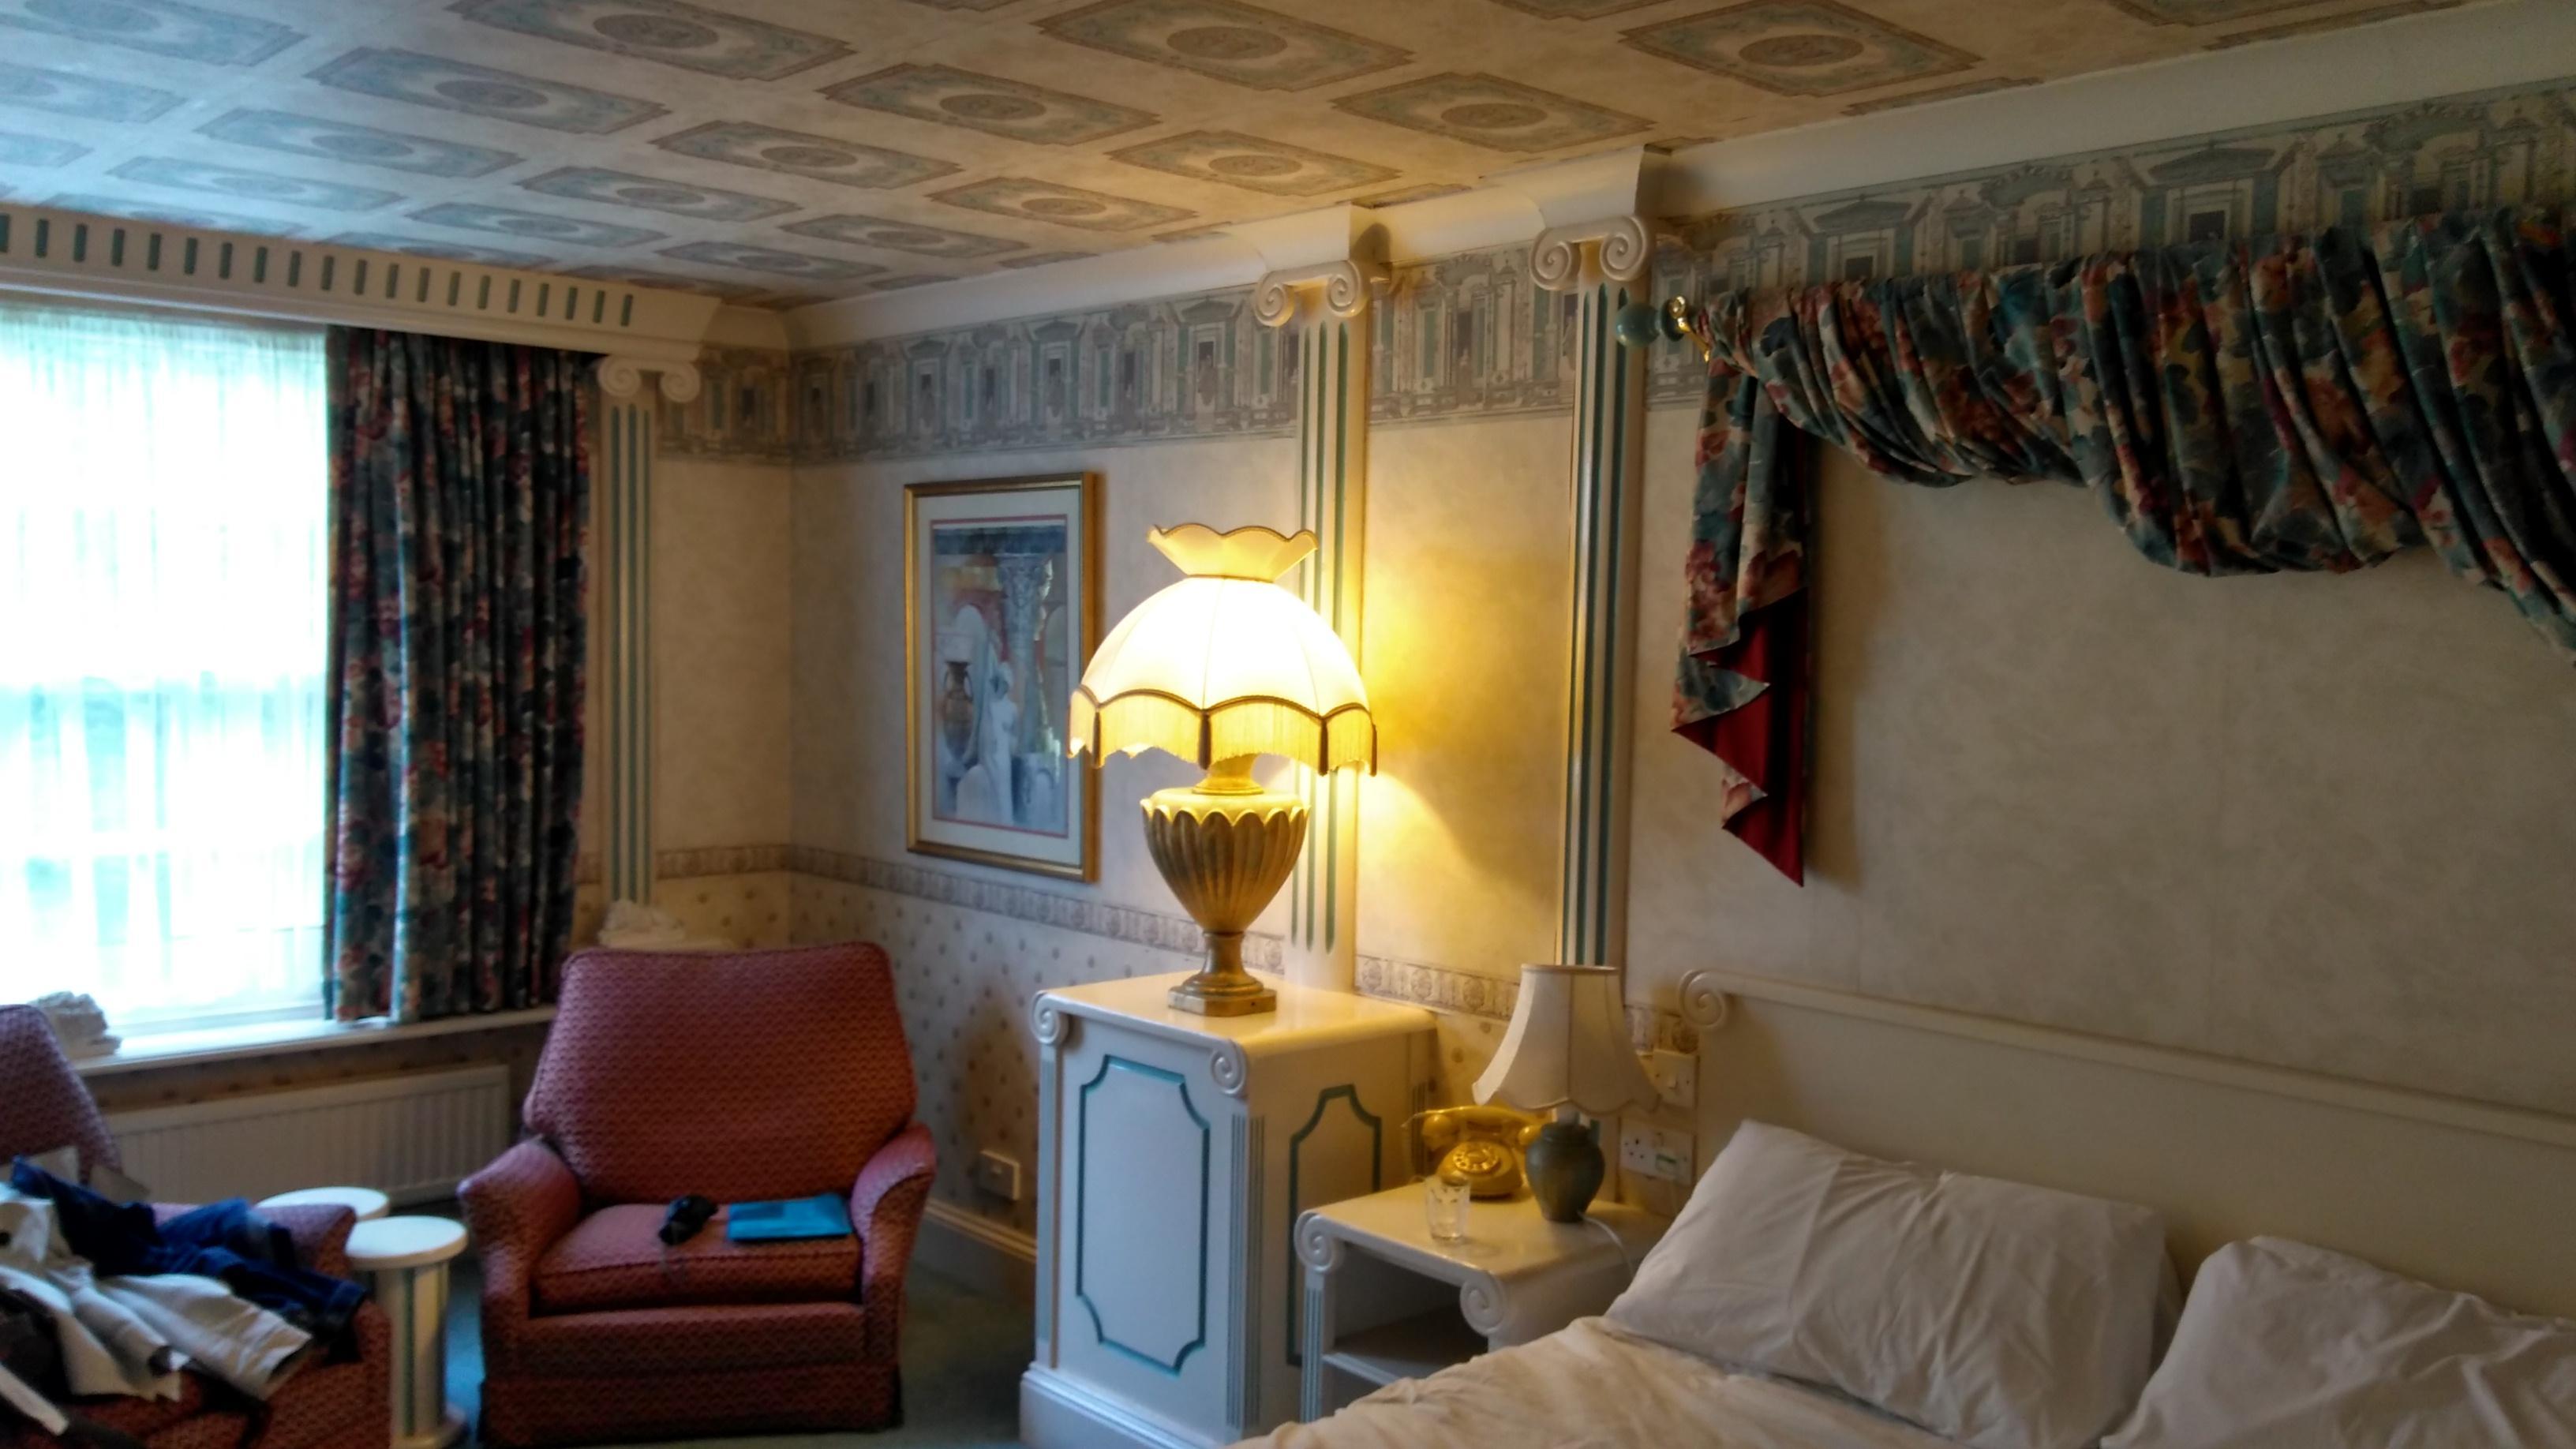 The Roman Bedroom